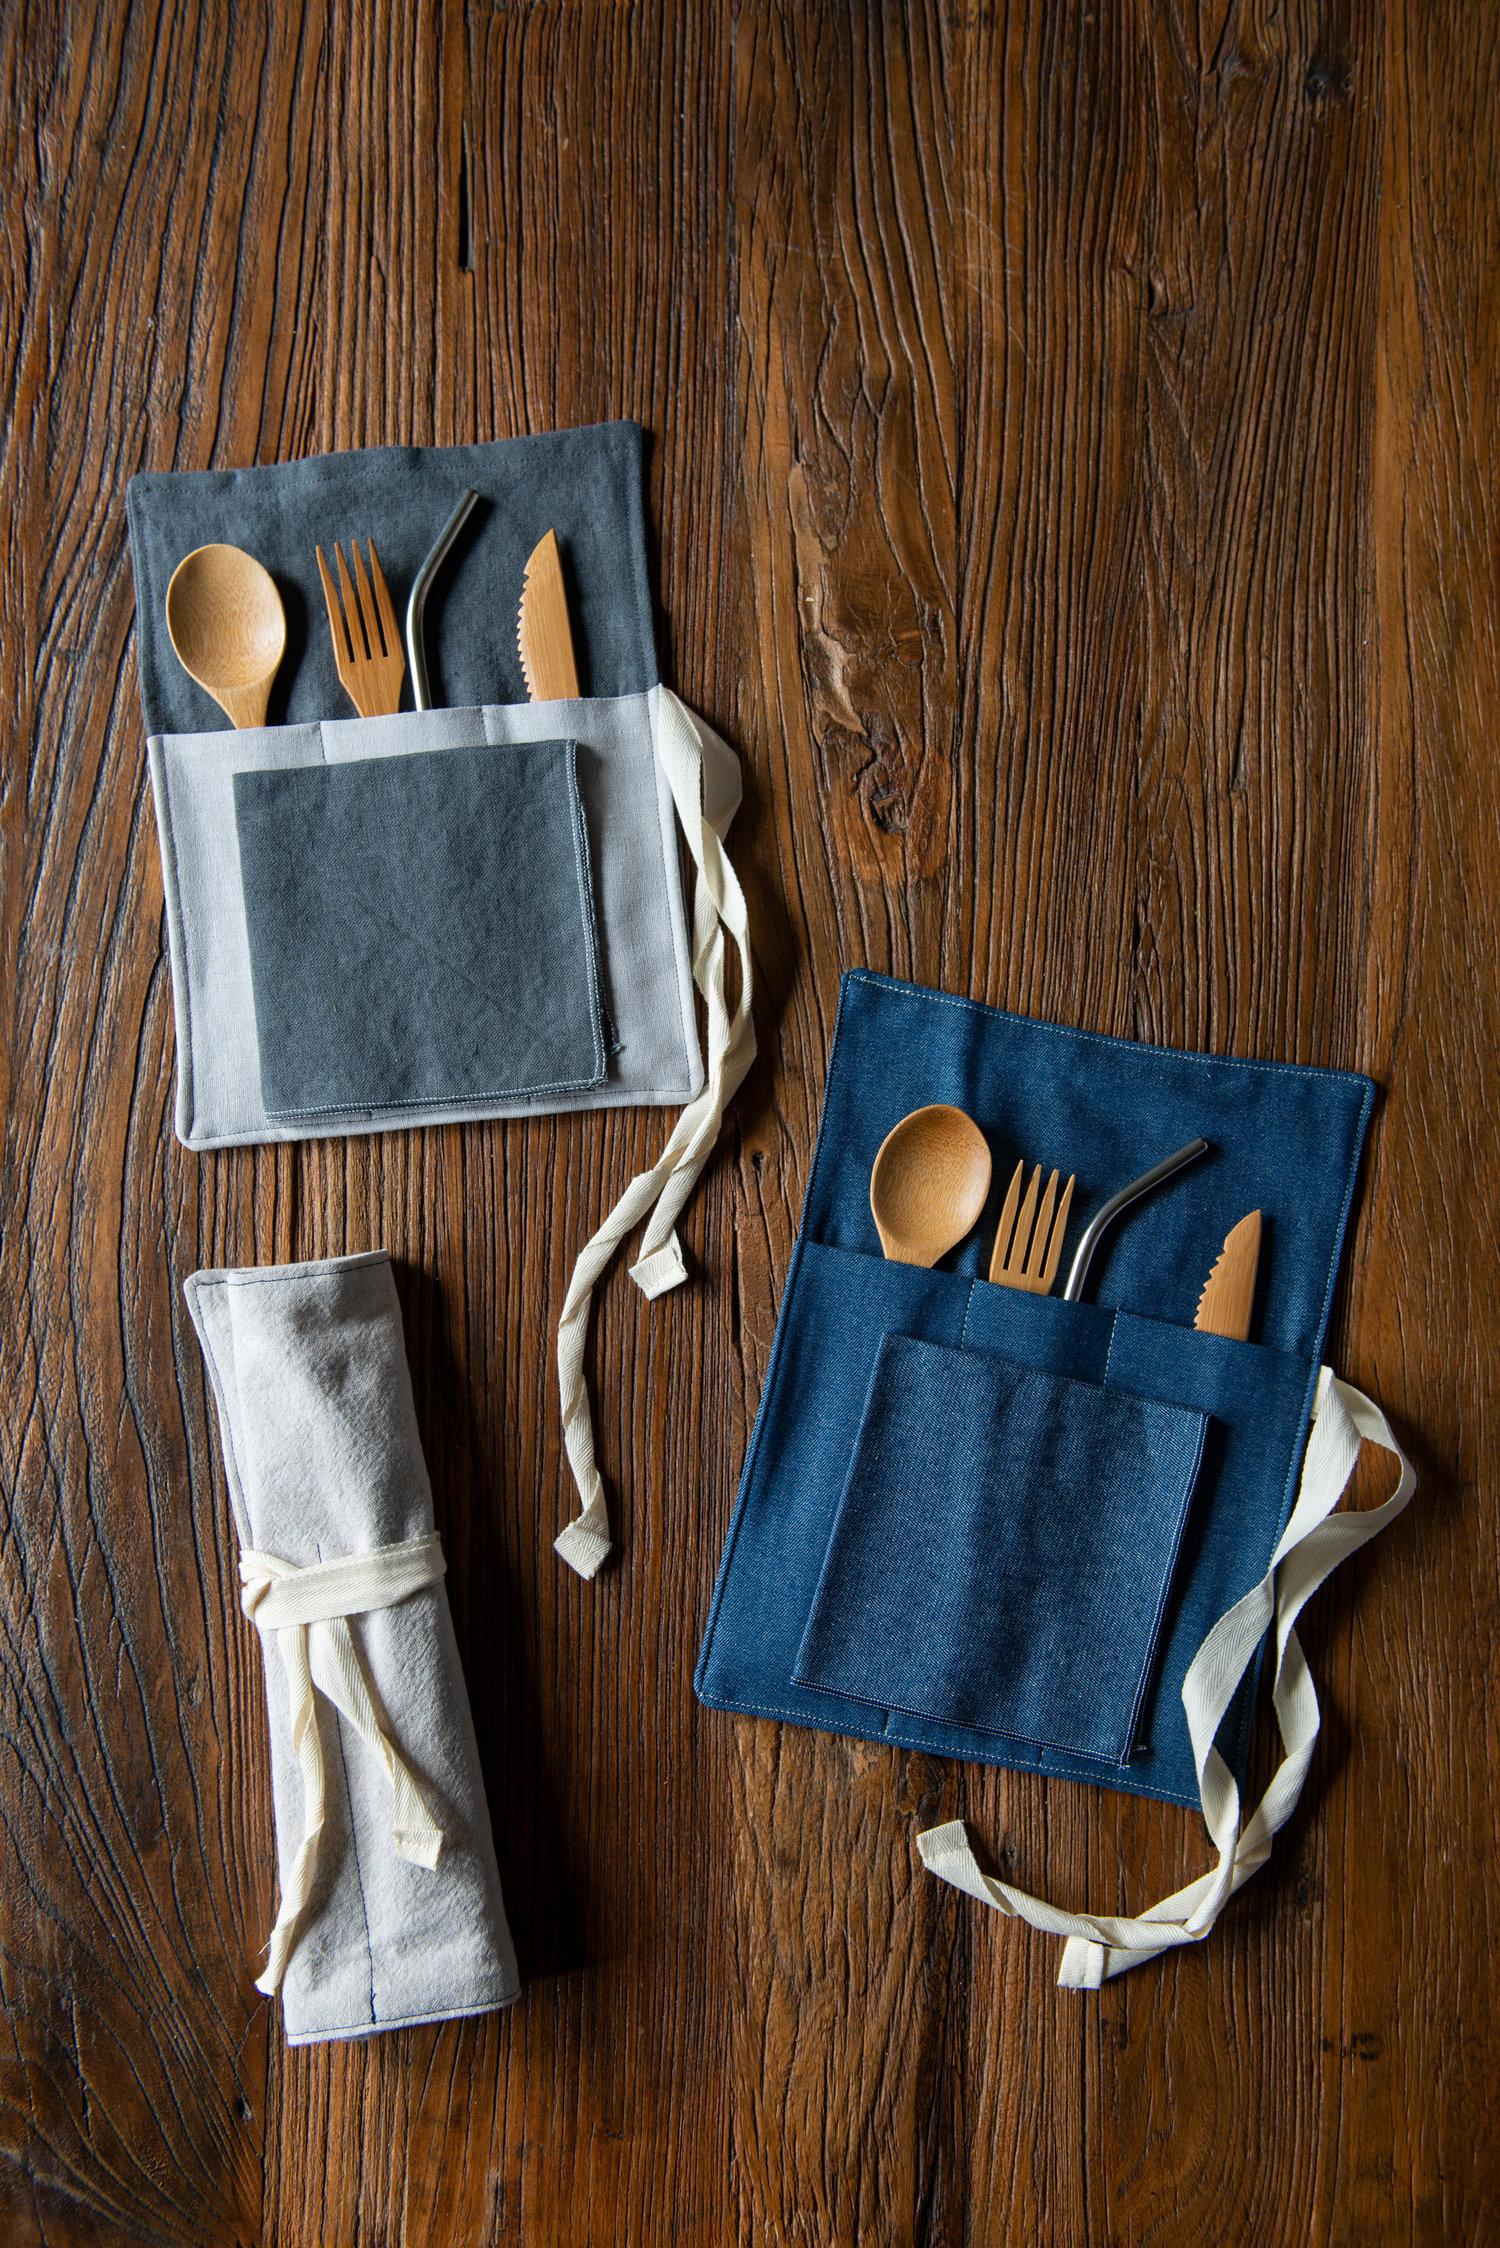 Zero Waste Utensil Wrap Blue Linen For On The Go Eco